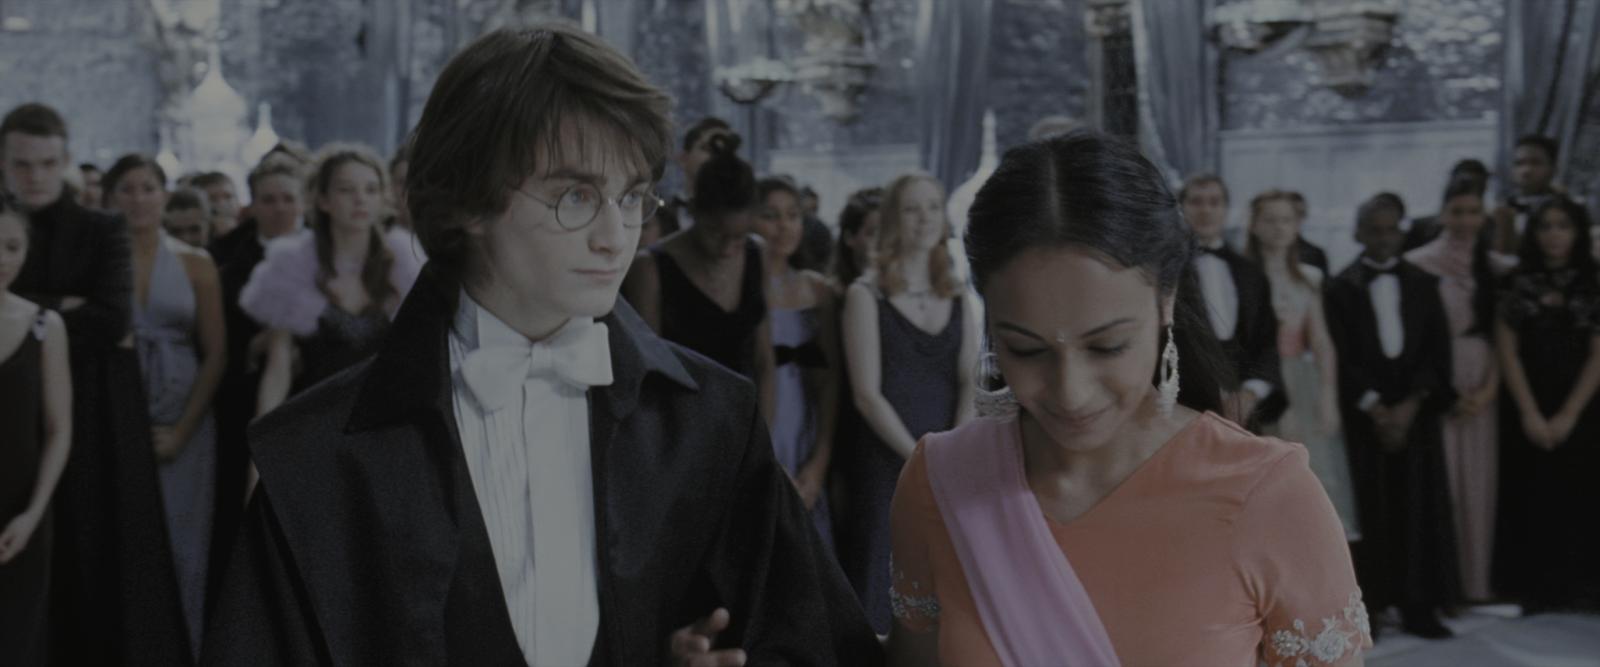 Harry Potter y el Cáliz de Fuego (2005) 4K UHD [HDR] Latino - Castellano - Ingles captura 3